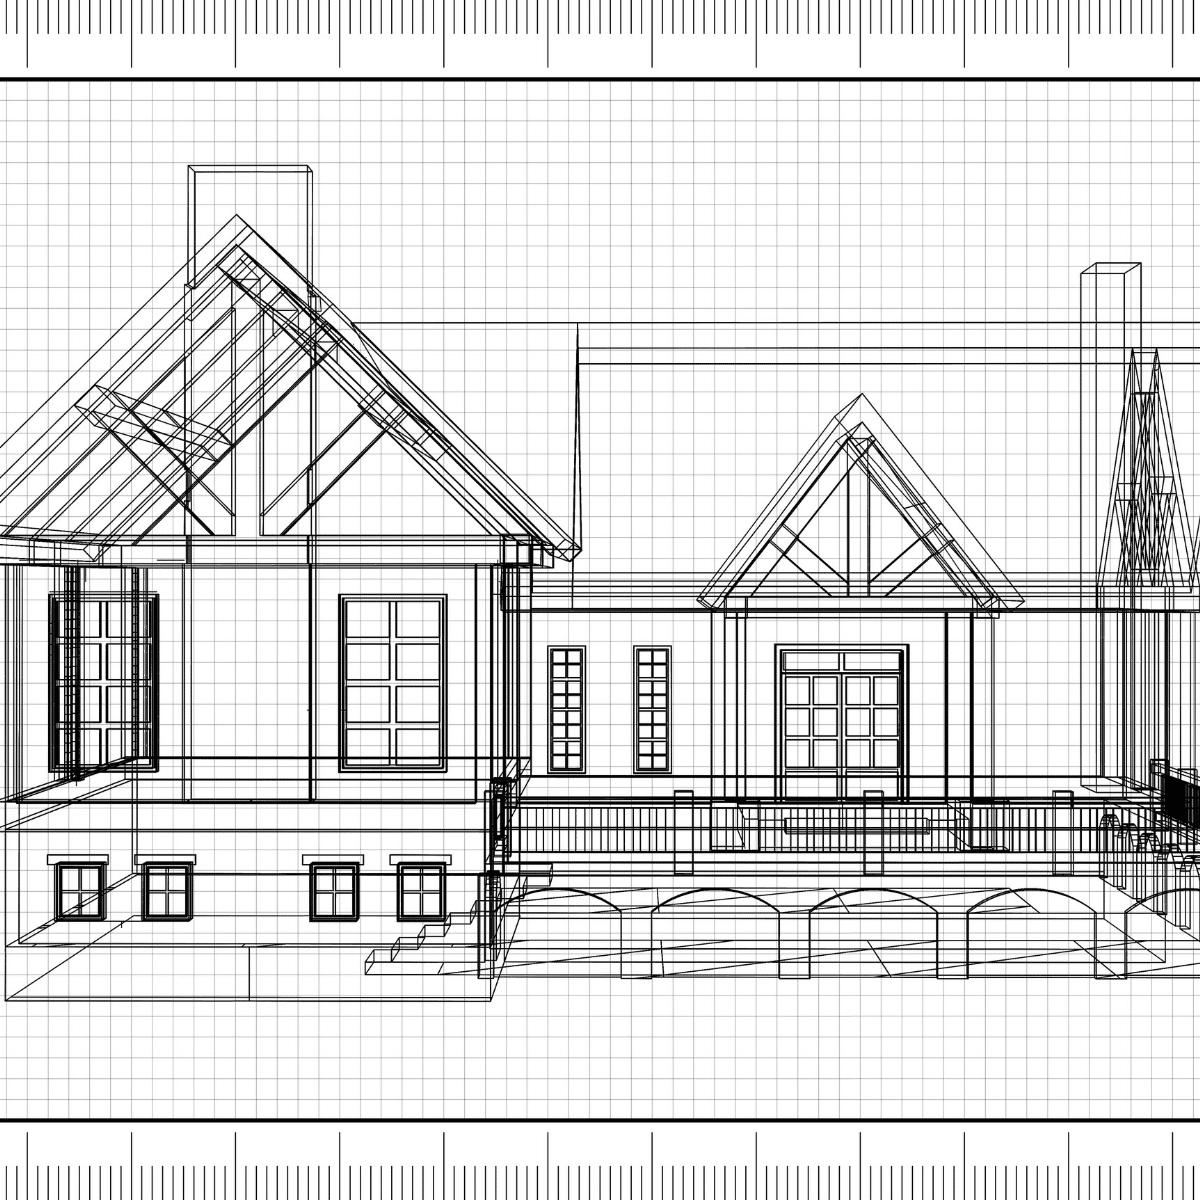 Log home sketch